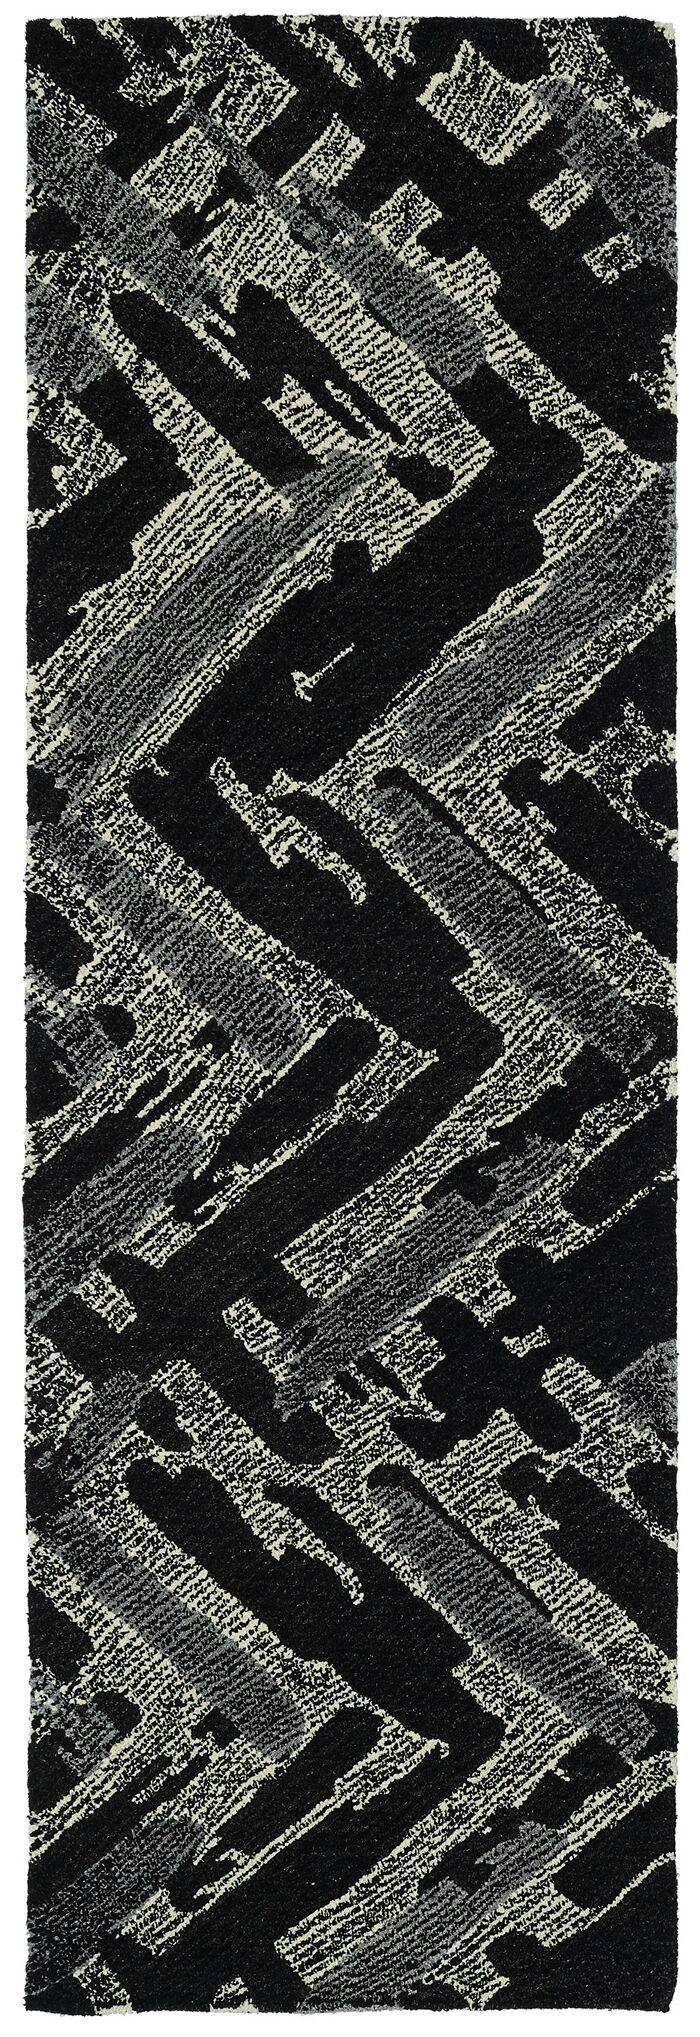 Louane Hand-Tufted Black/Gray Area Rug Rug Size: Runner 2'6